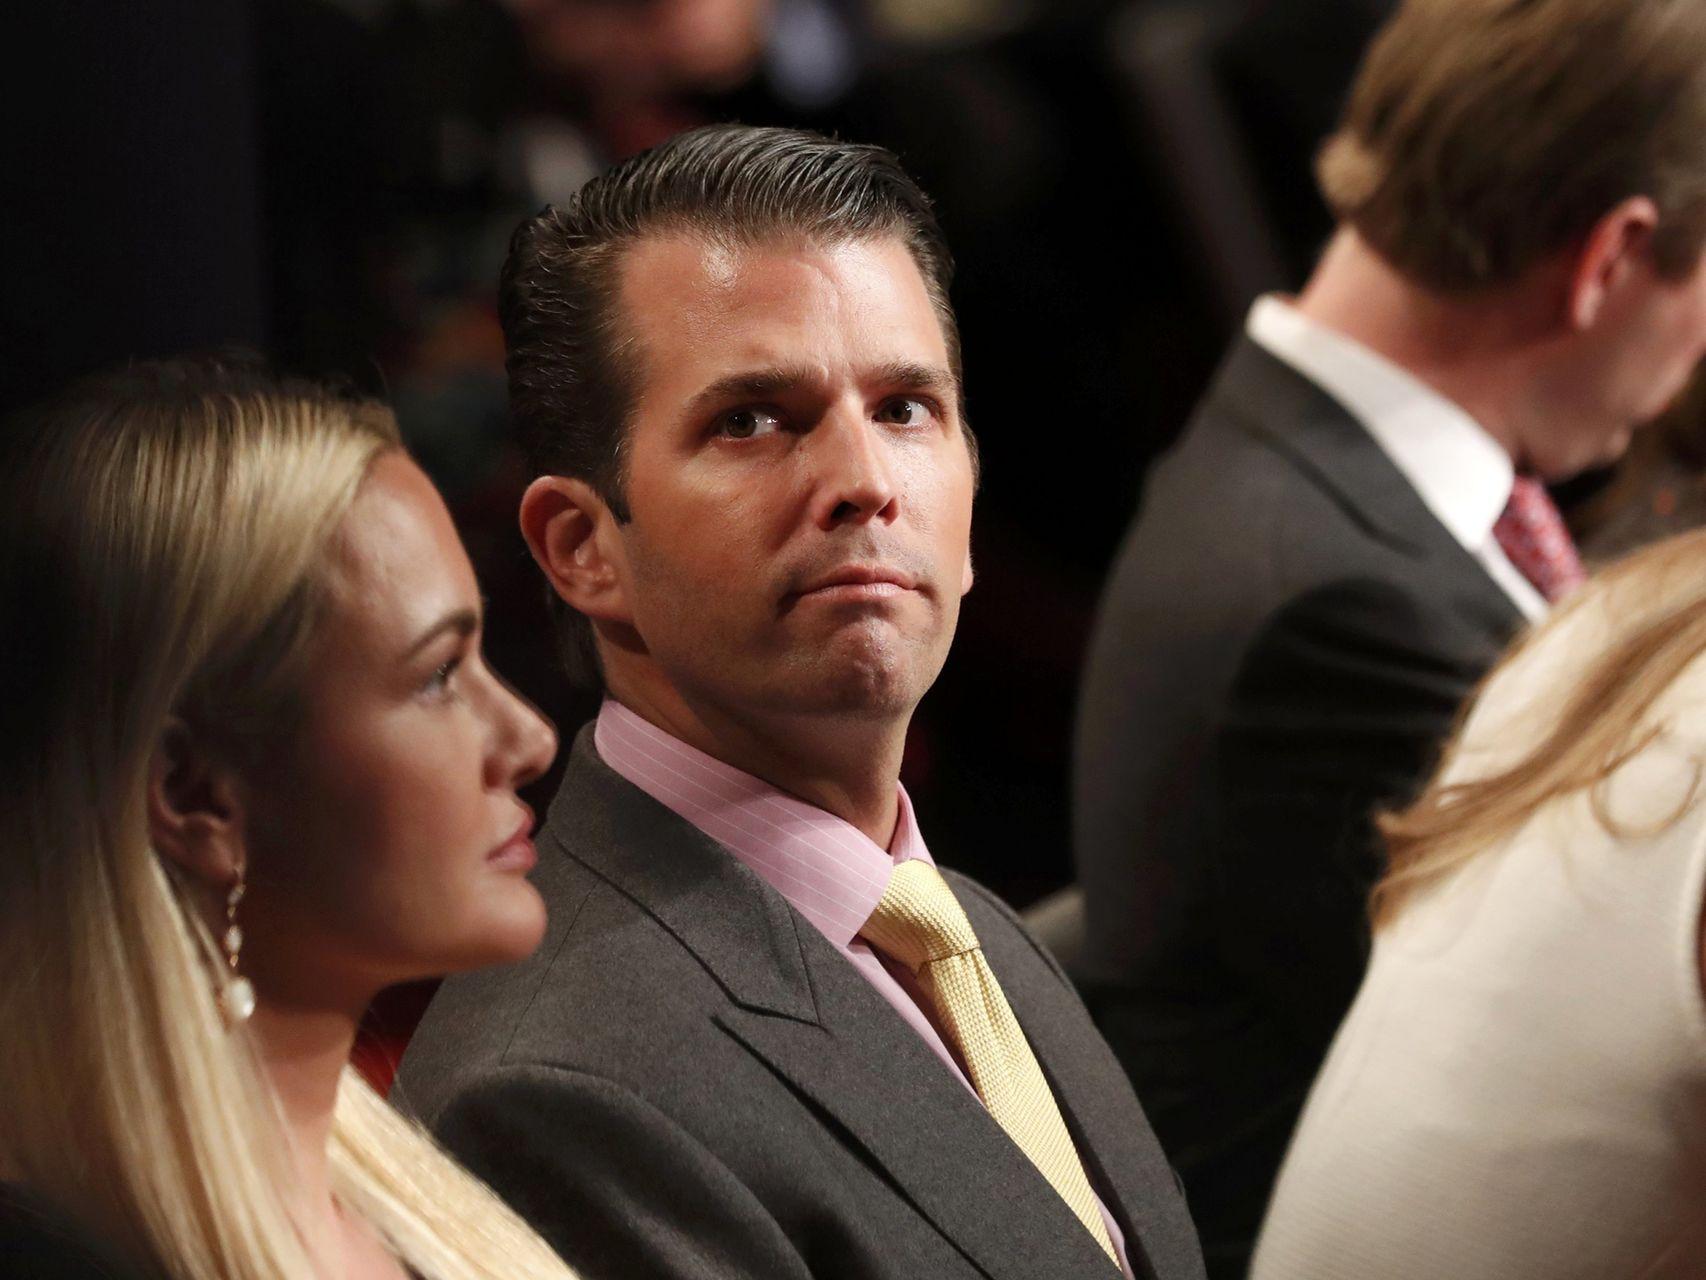 Donald Trump Jr. A su izquierda, su hermano Eric Trump.